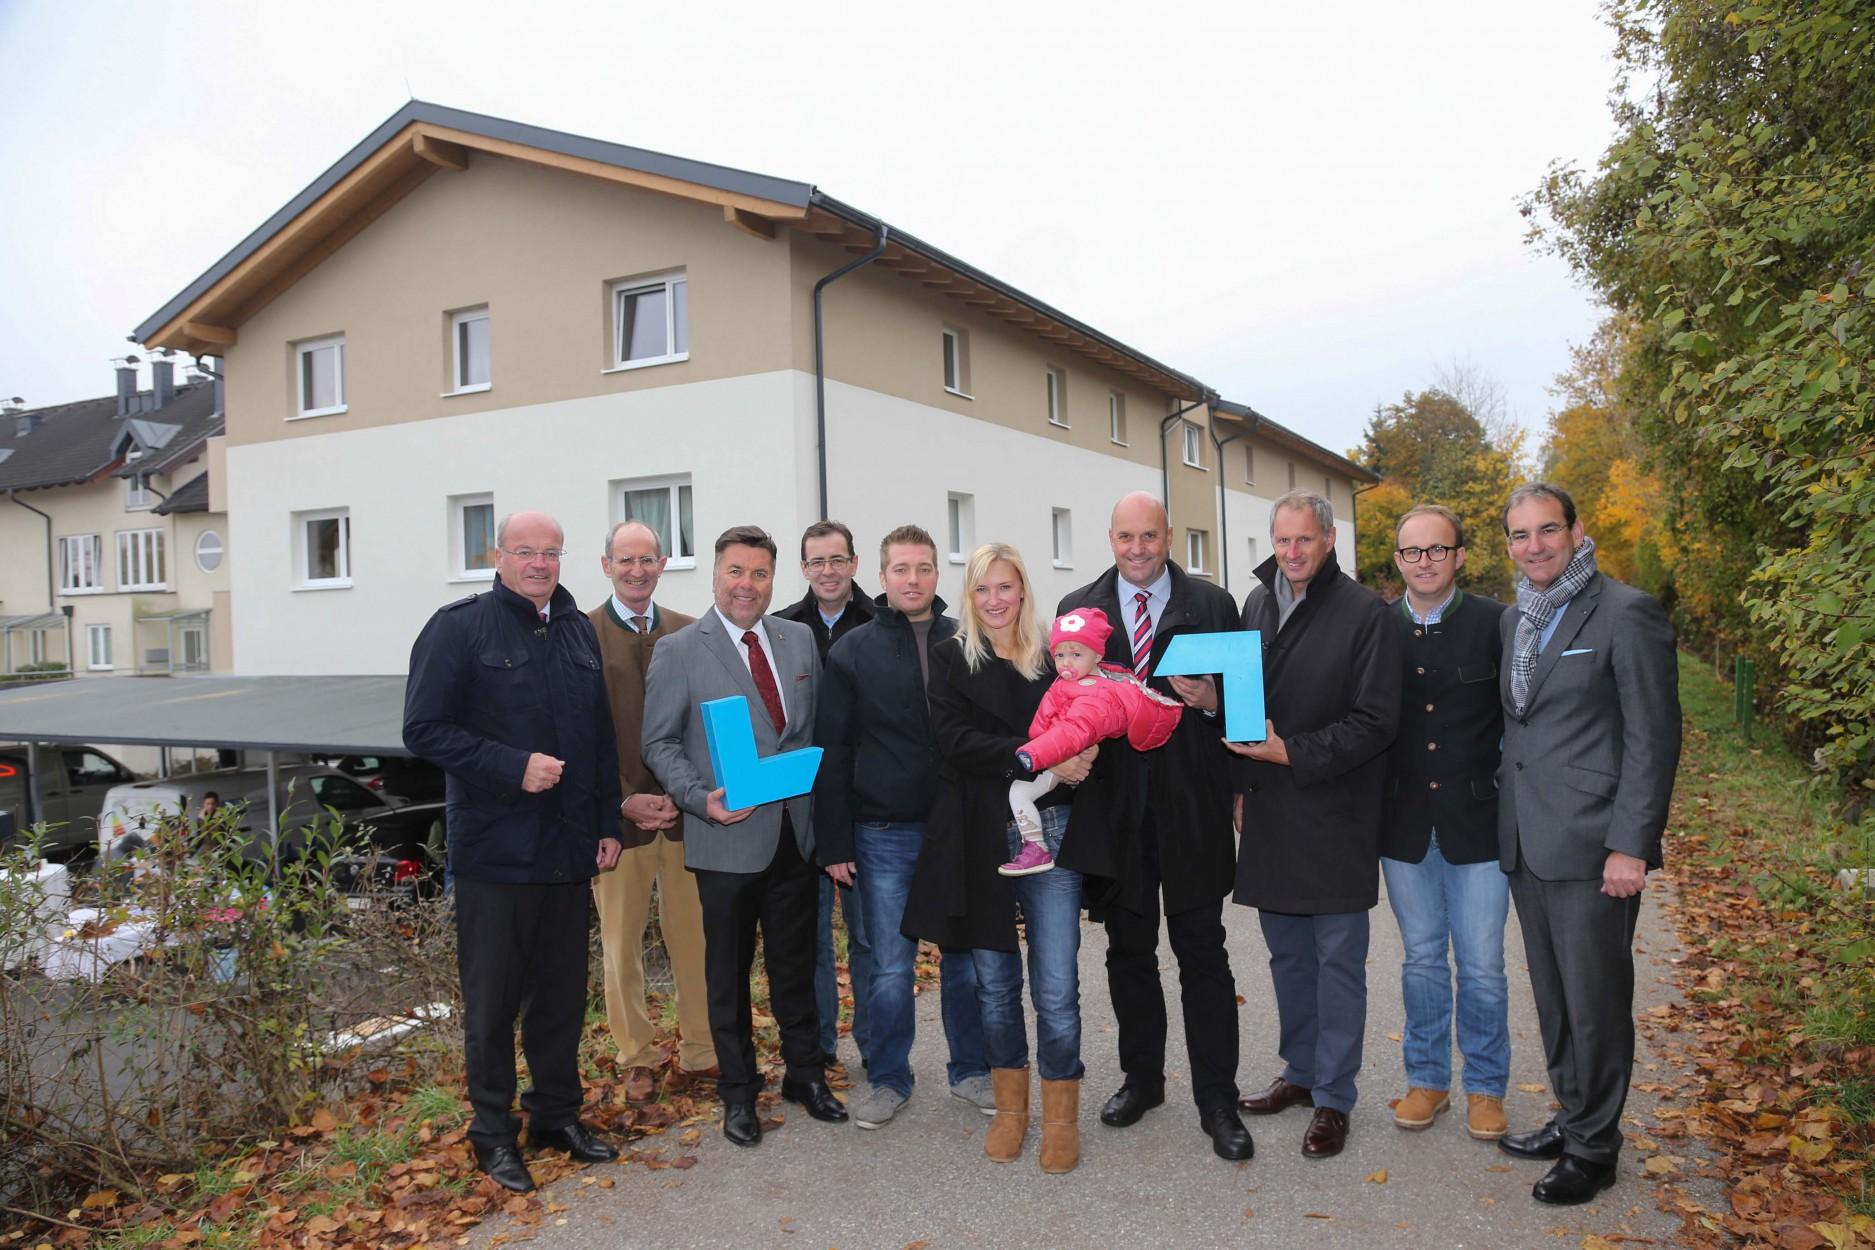 Wals-Siezenheim - Startseite - Gemeinde Wals-Siezenheim